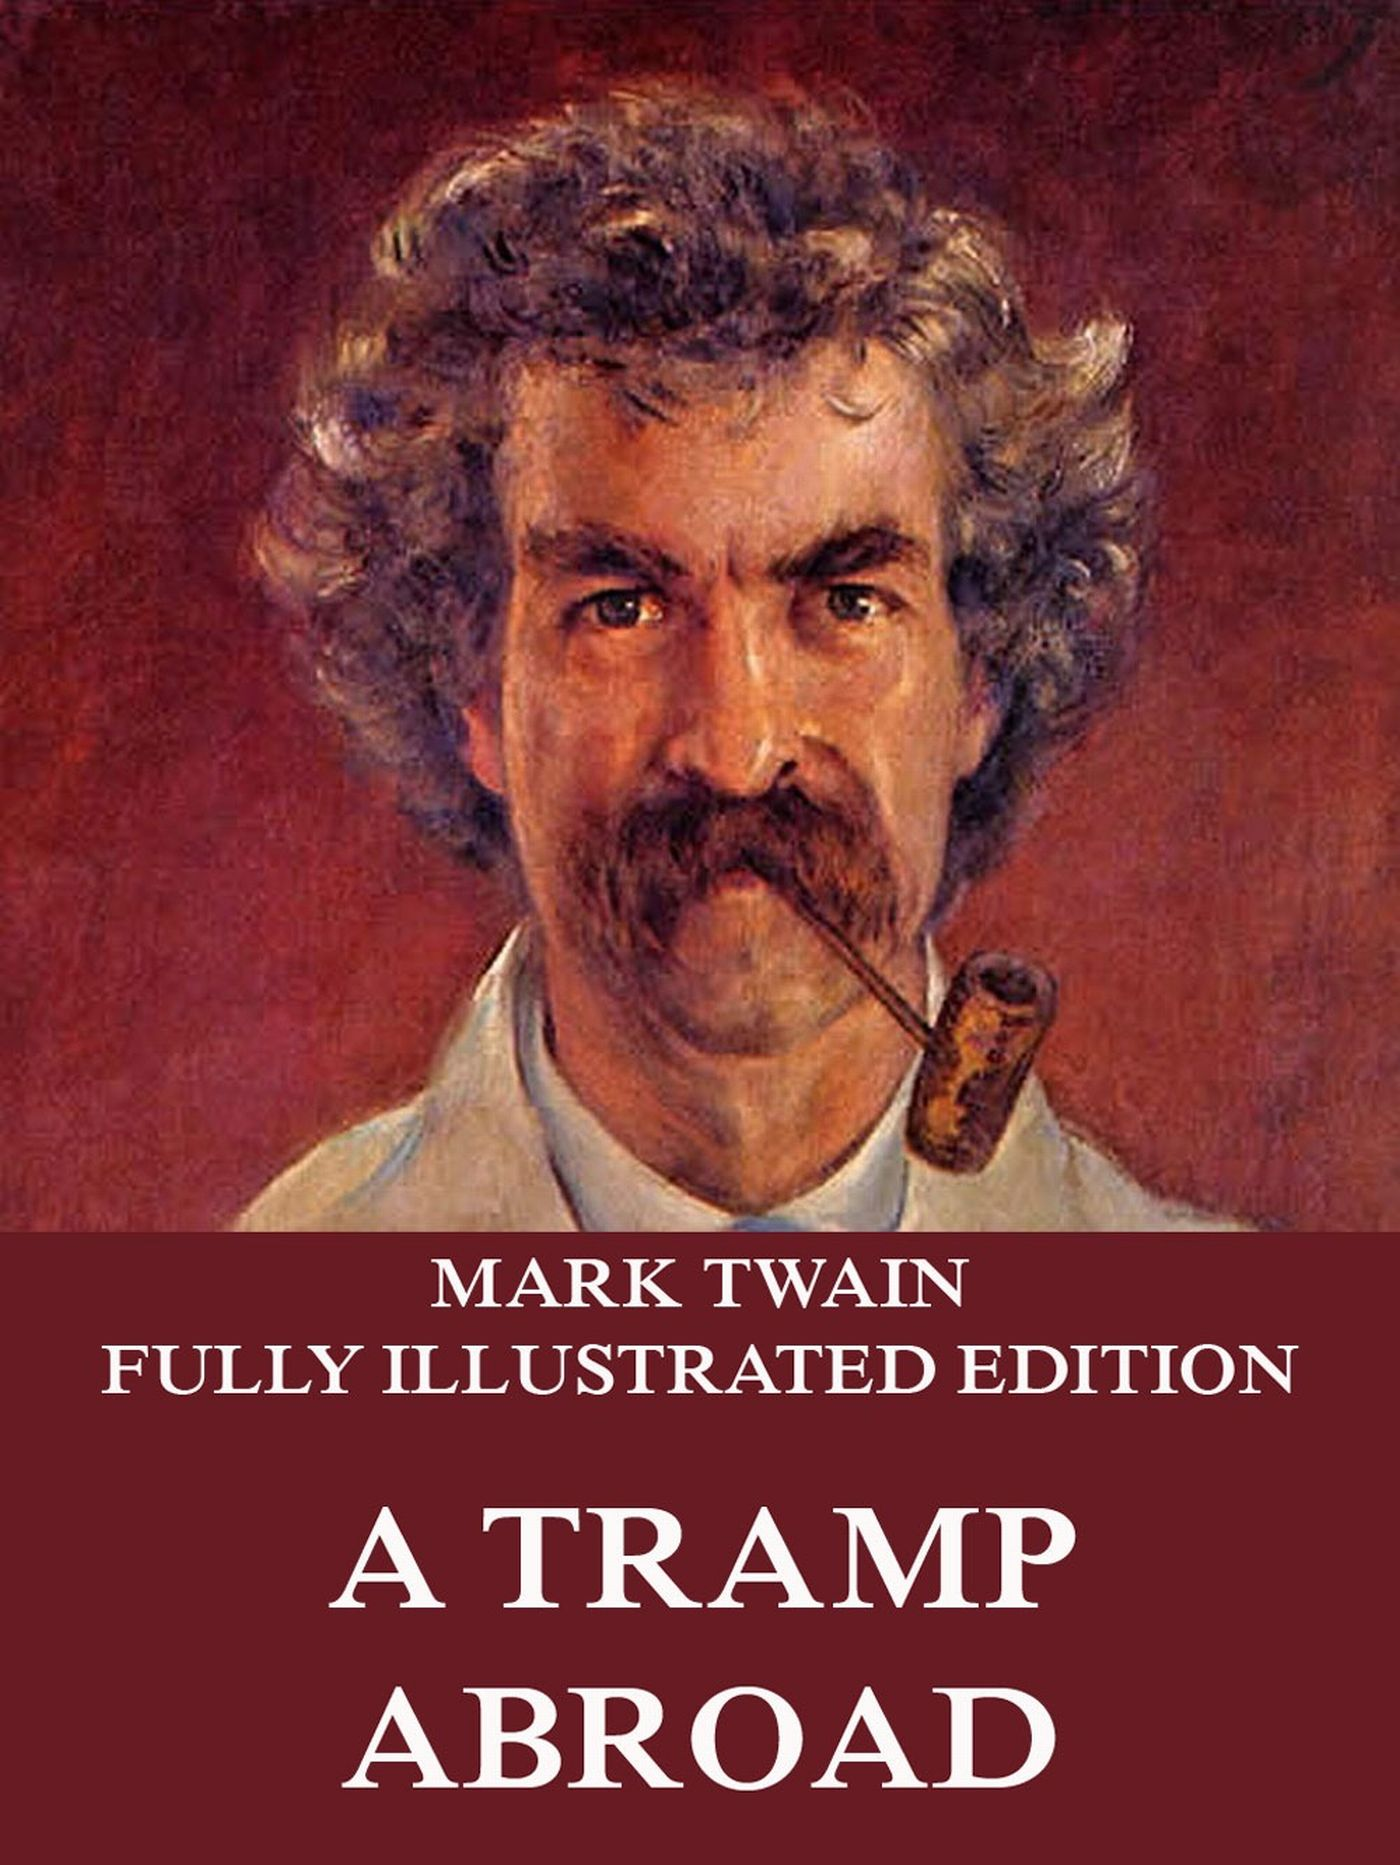 a tramp abroad